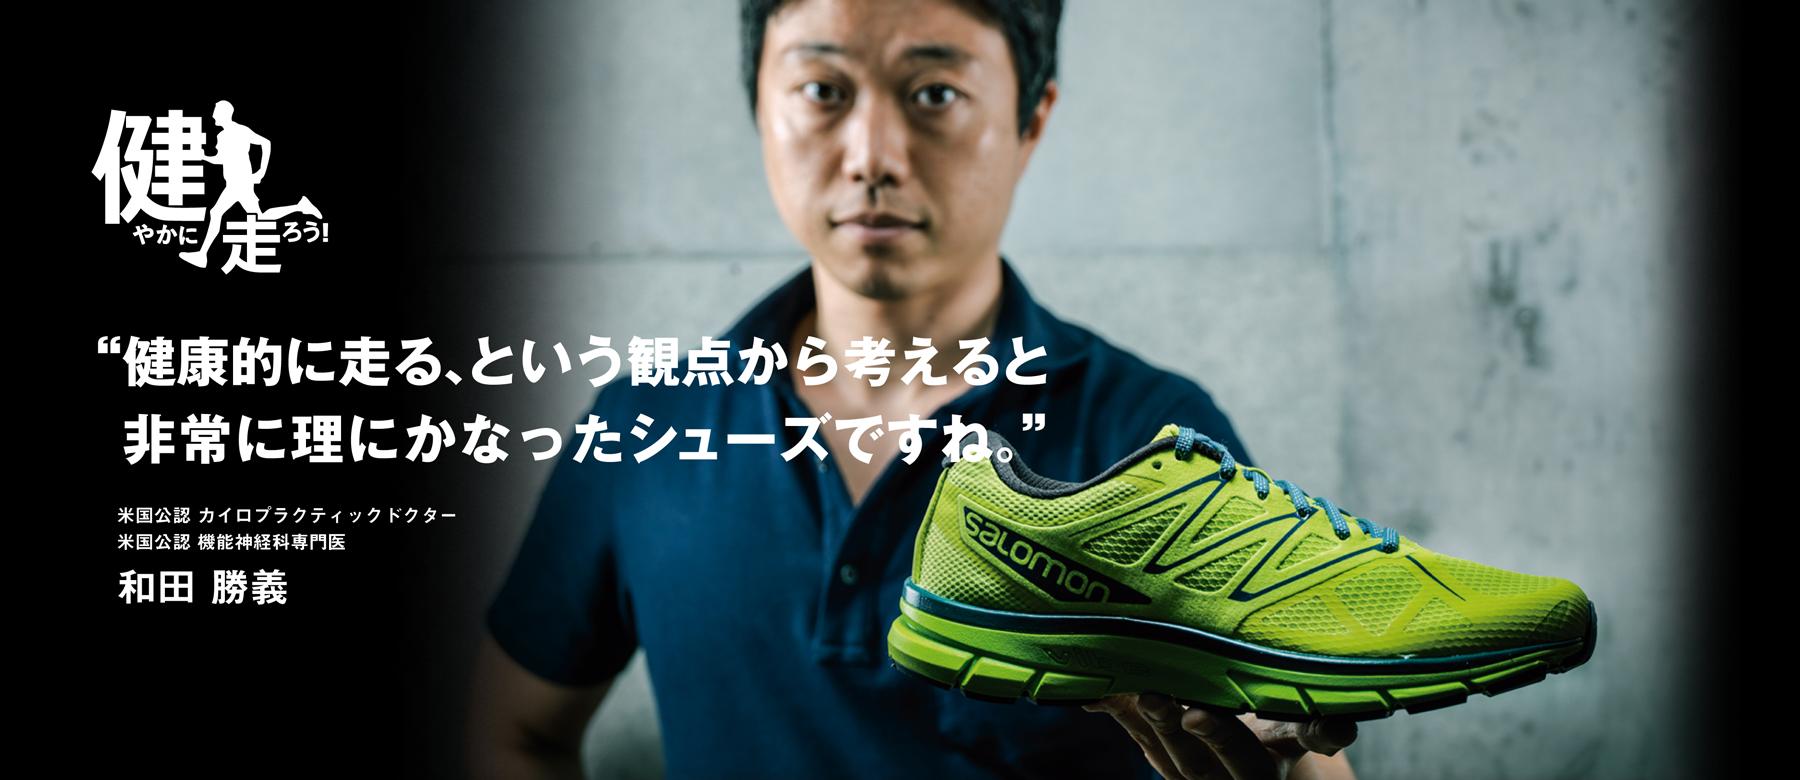 和田勝義インタビュー